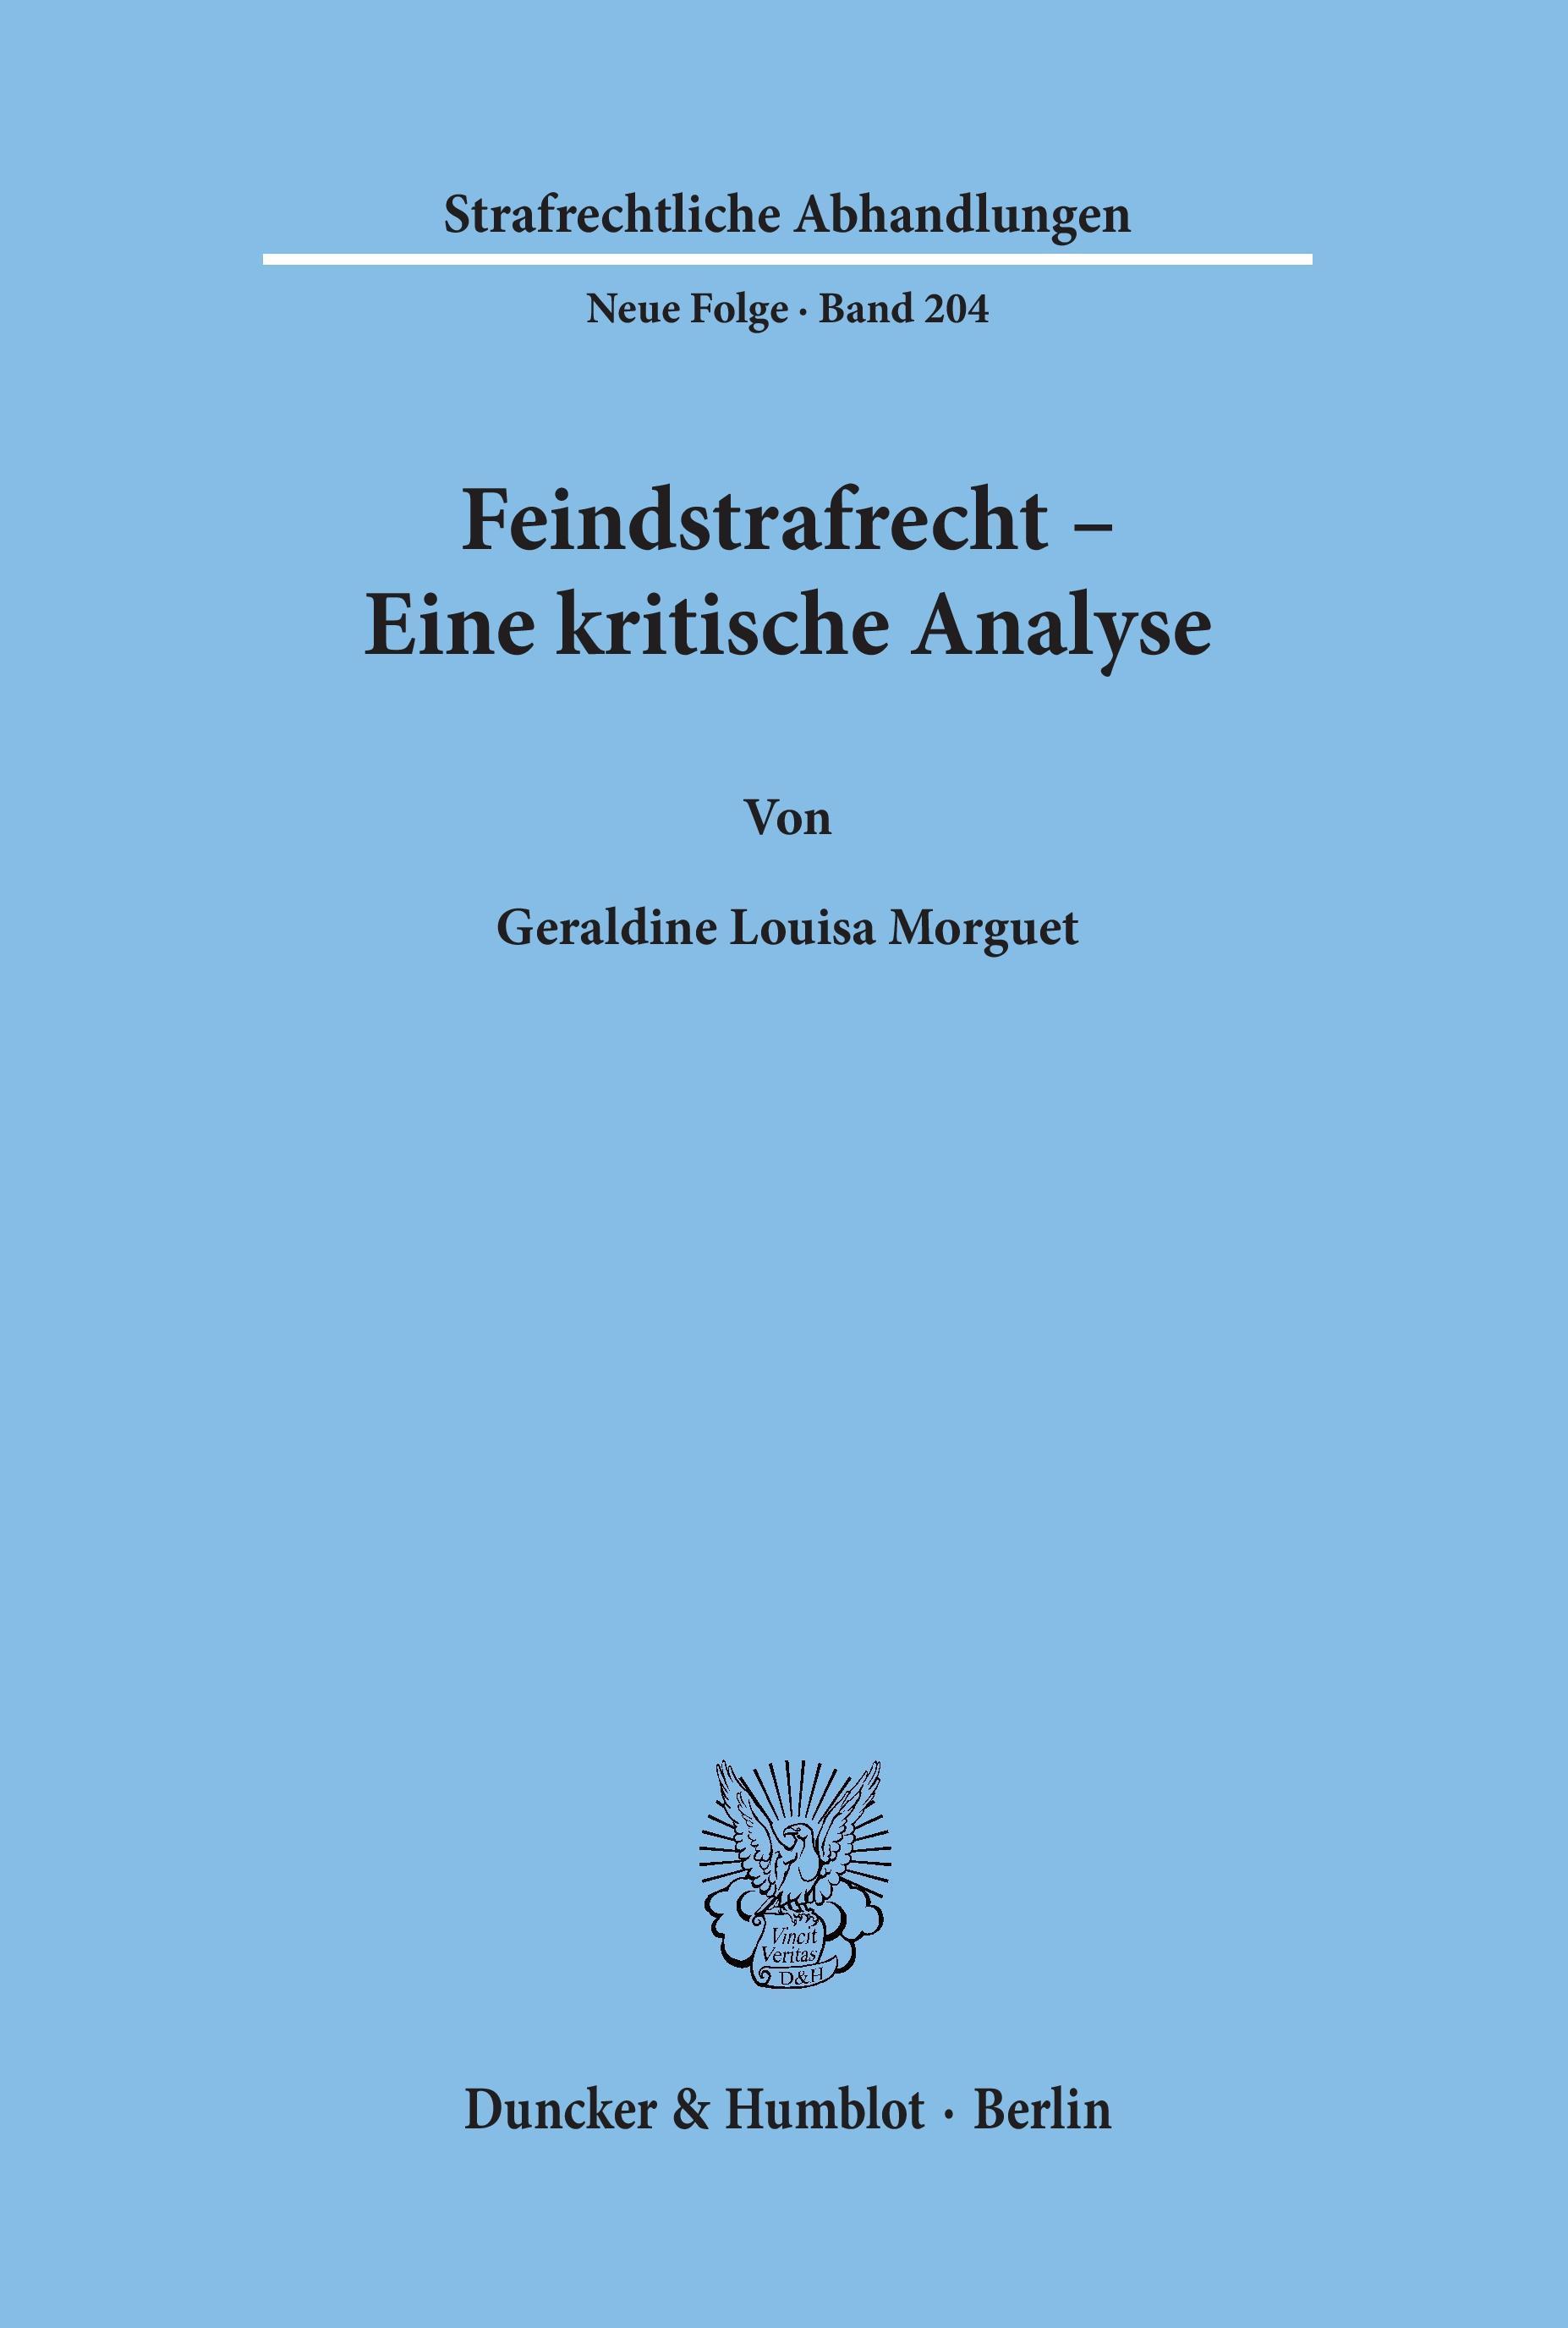 Feindstrafrecht - Eine kritische Analyse - Geraldine Louisa  ... 9783428127955